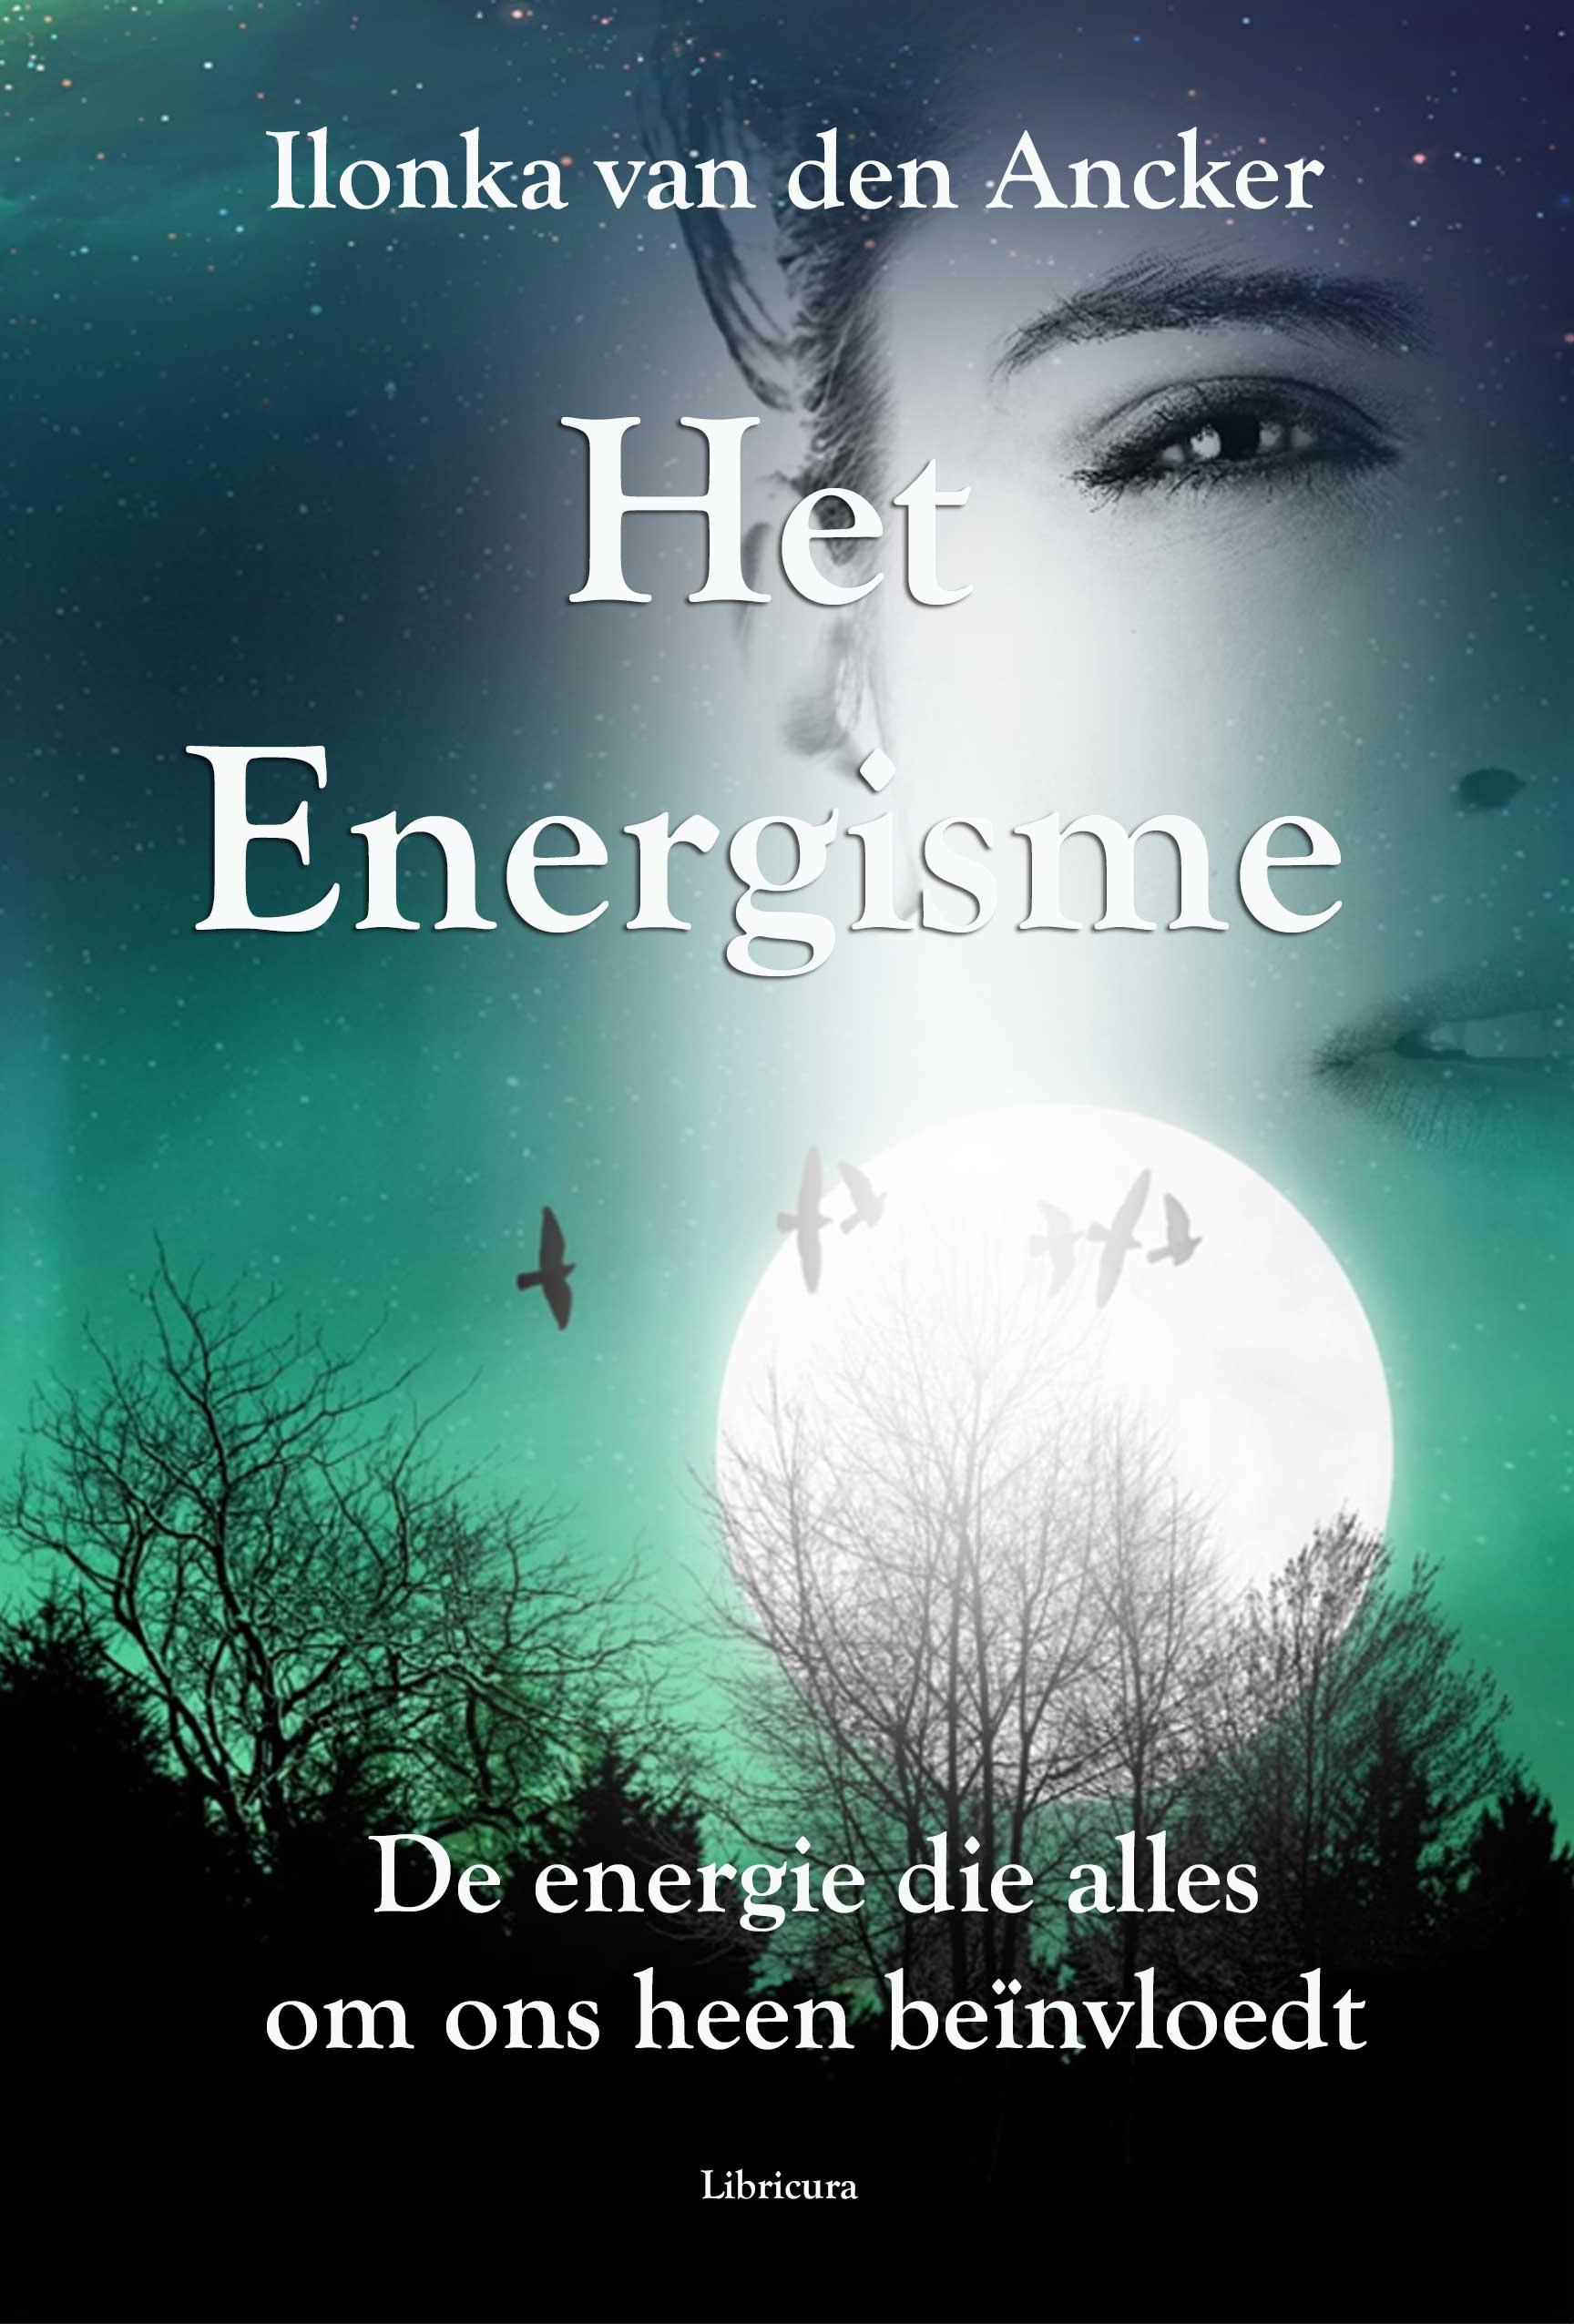 boek Het Energisme